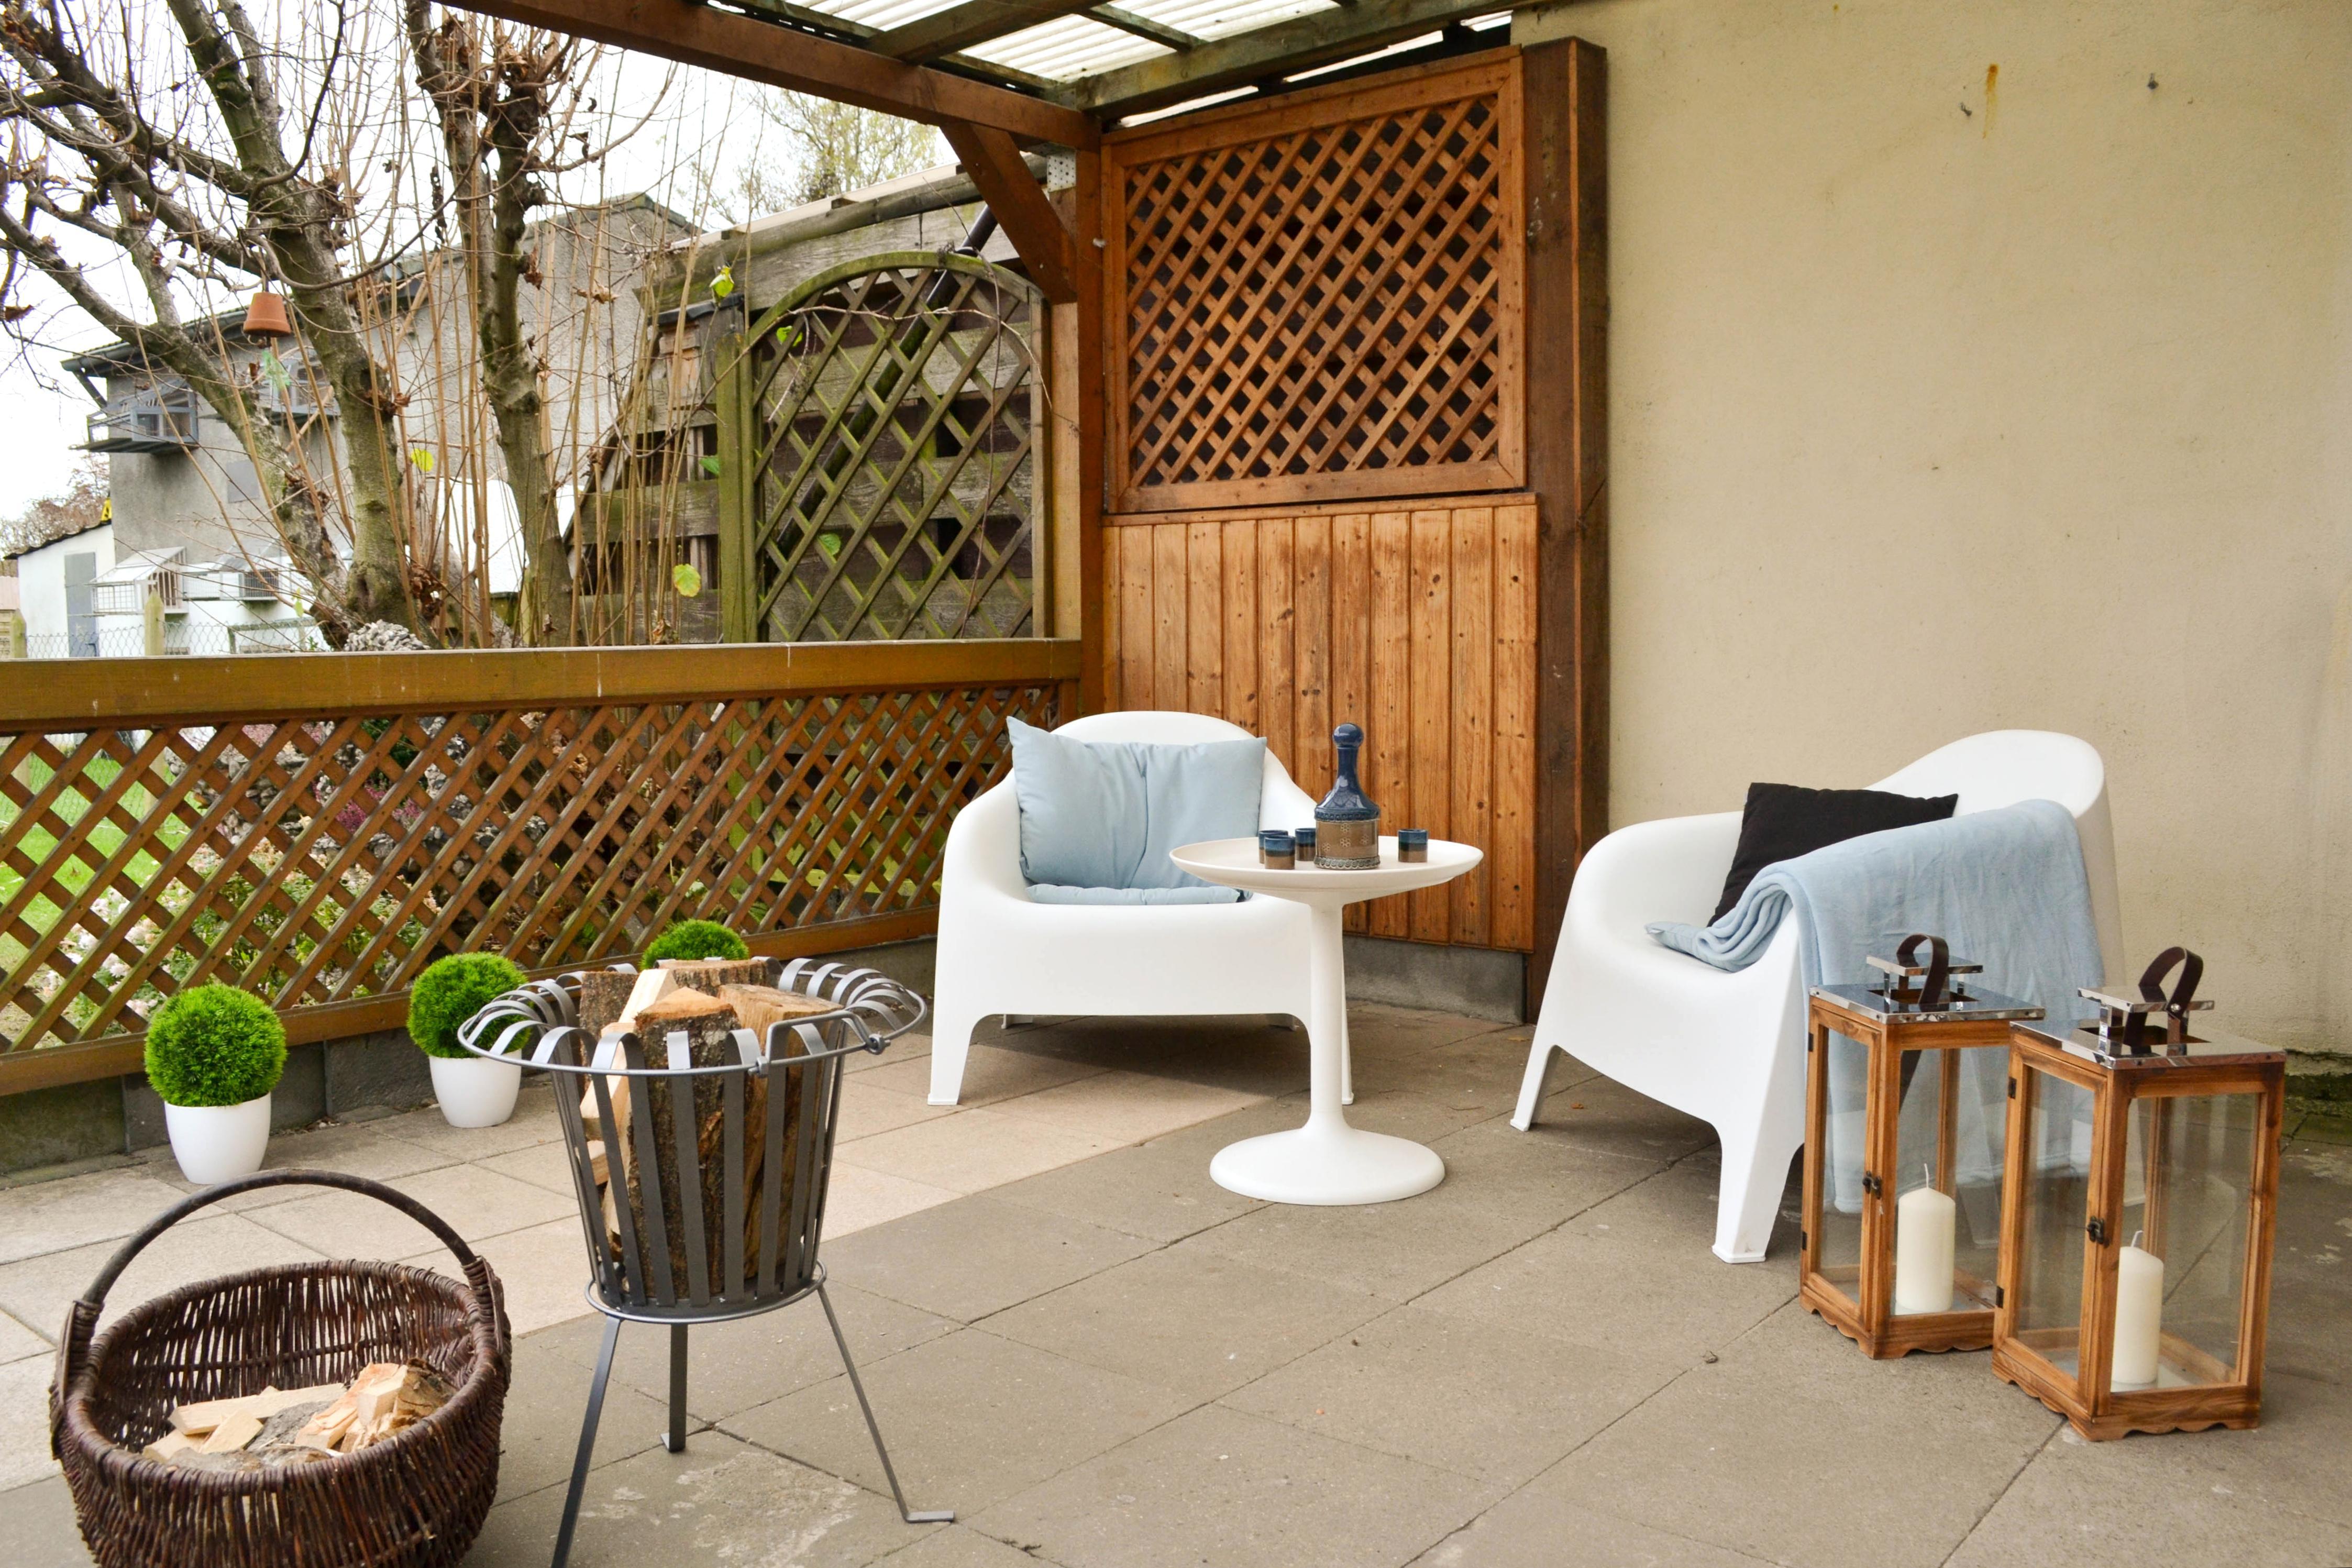 Terrasse Dekorieren Bilder Ideen Couch